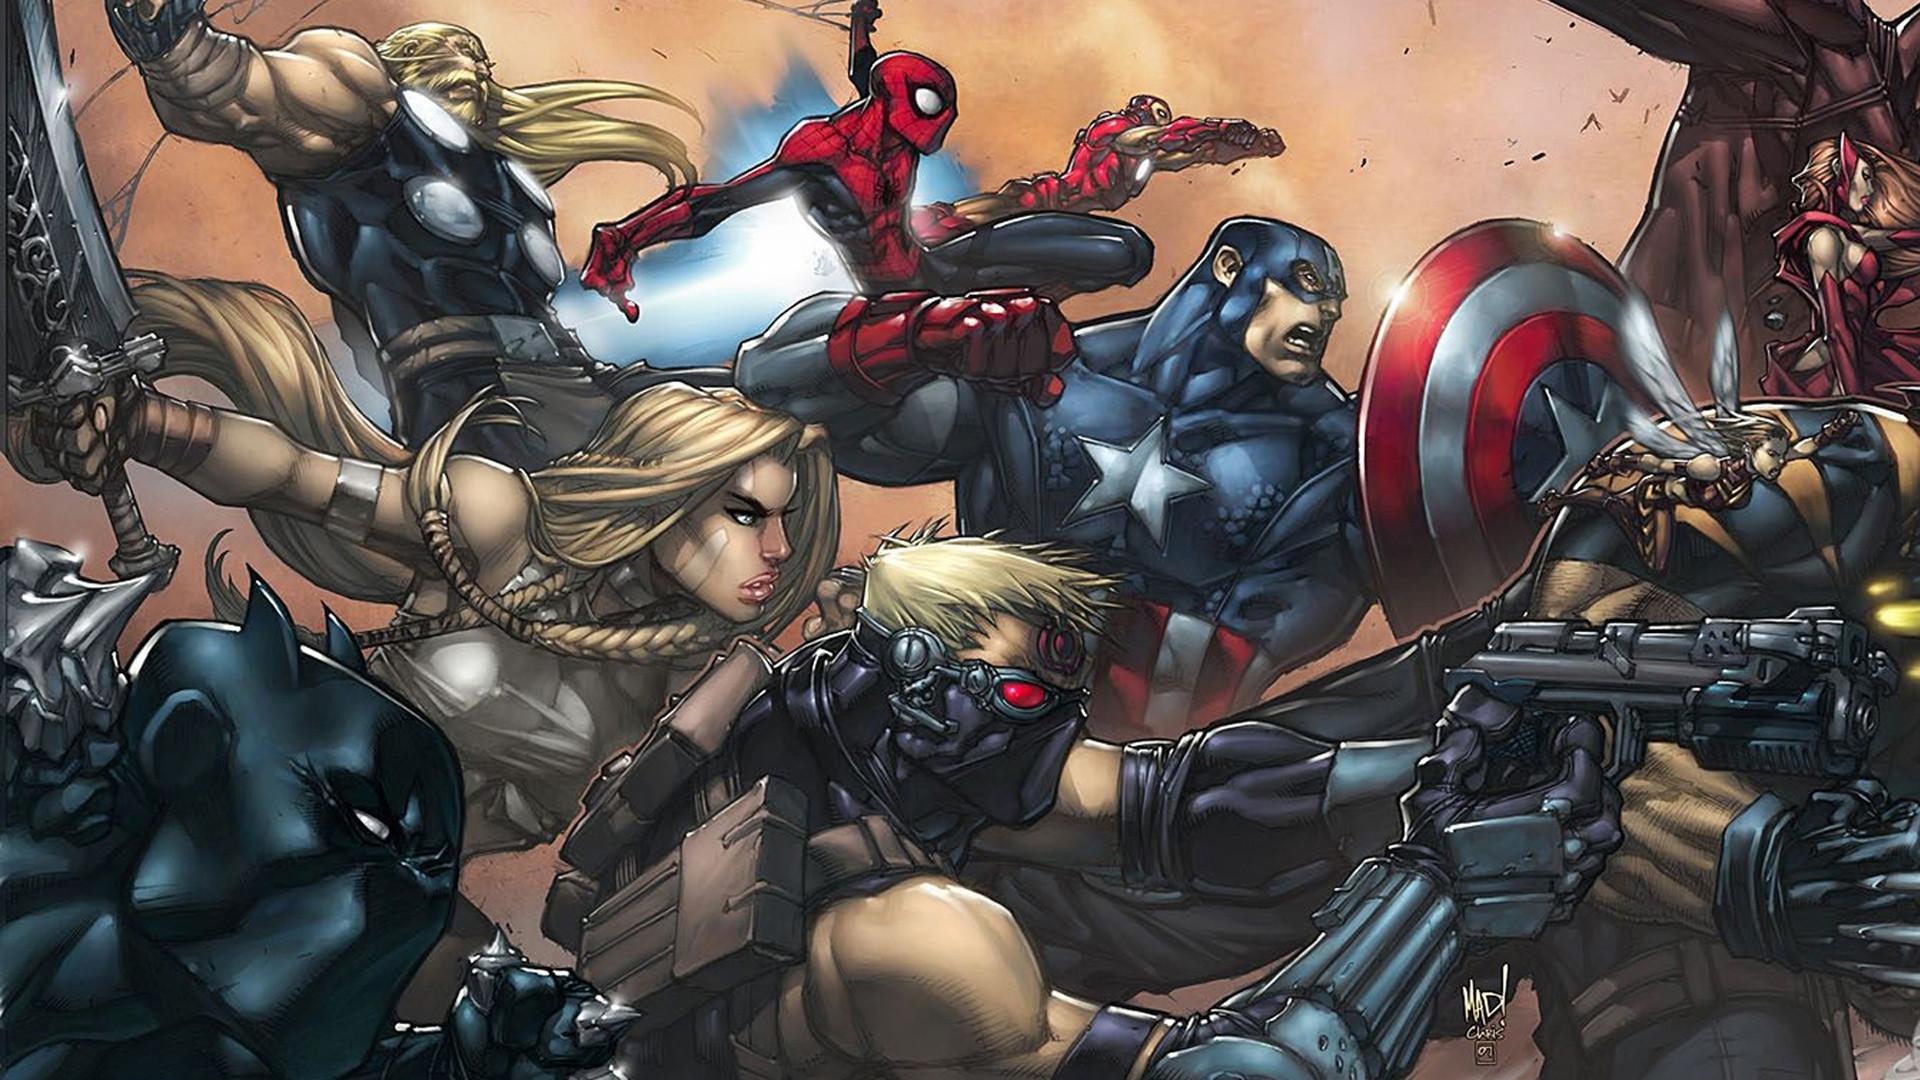 Marvel avengers desktop wallpaper 79 images - Avengers superhero wallpaper ...